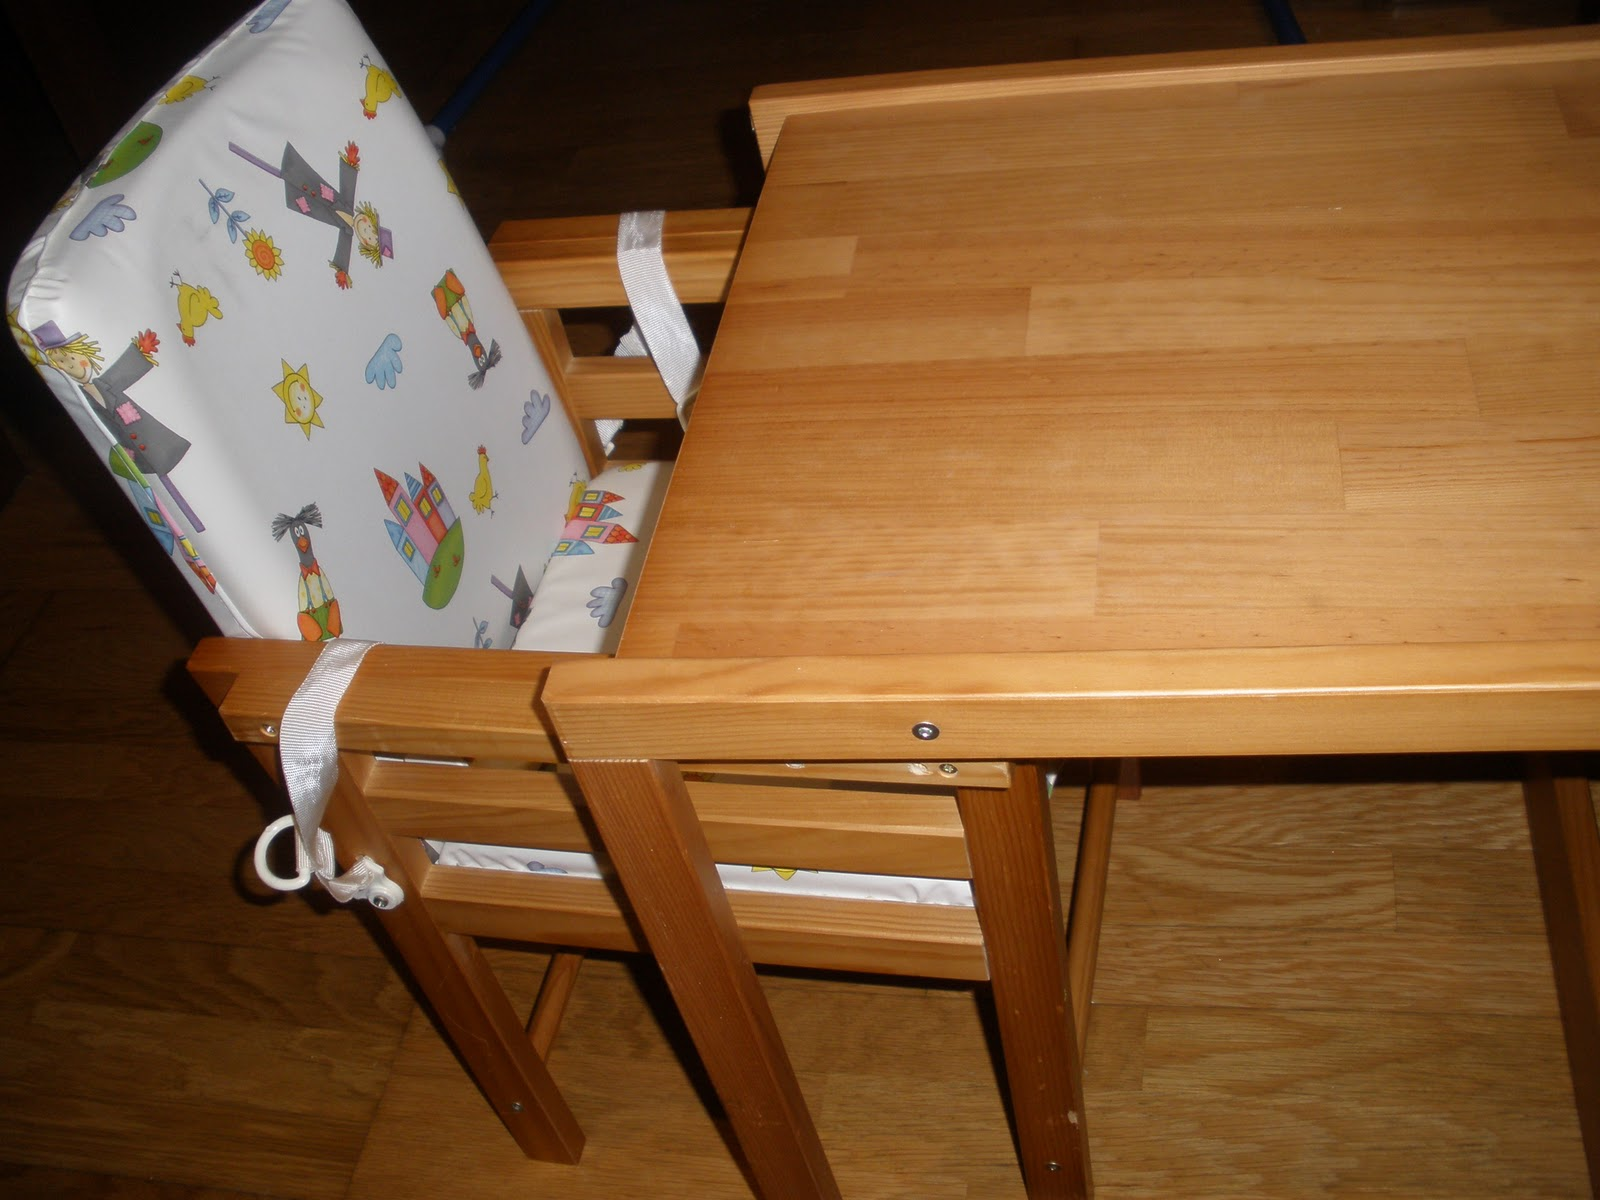 Usados Para Bébés e Crianças: CADEIRA DE REFEIÇÃO EM PINHO DA  #2A1505 1600x1200